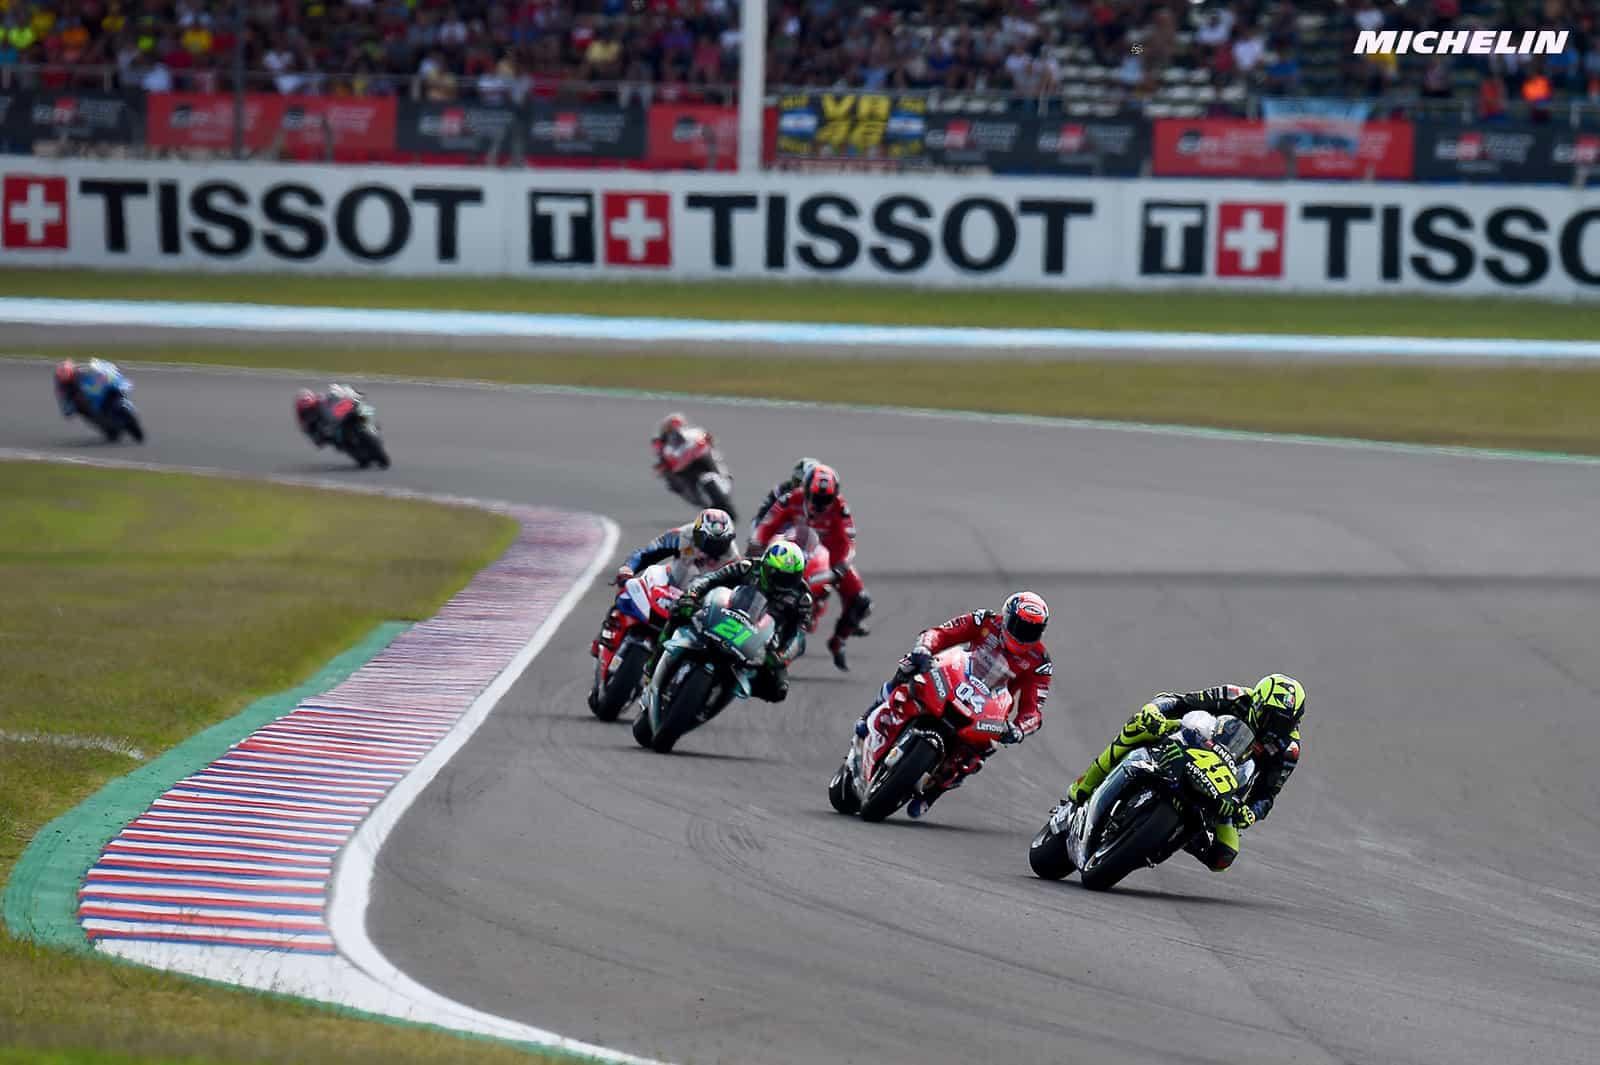 MotoGP 2020年のレースカレンダーを来週中に発表/ ヨーロッパ外でのレース開催は7月末に判断